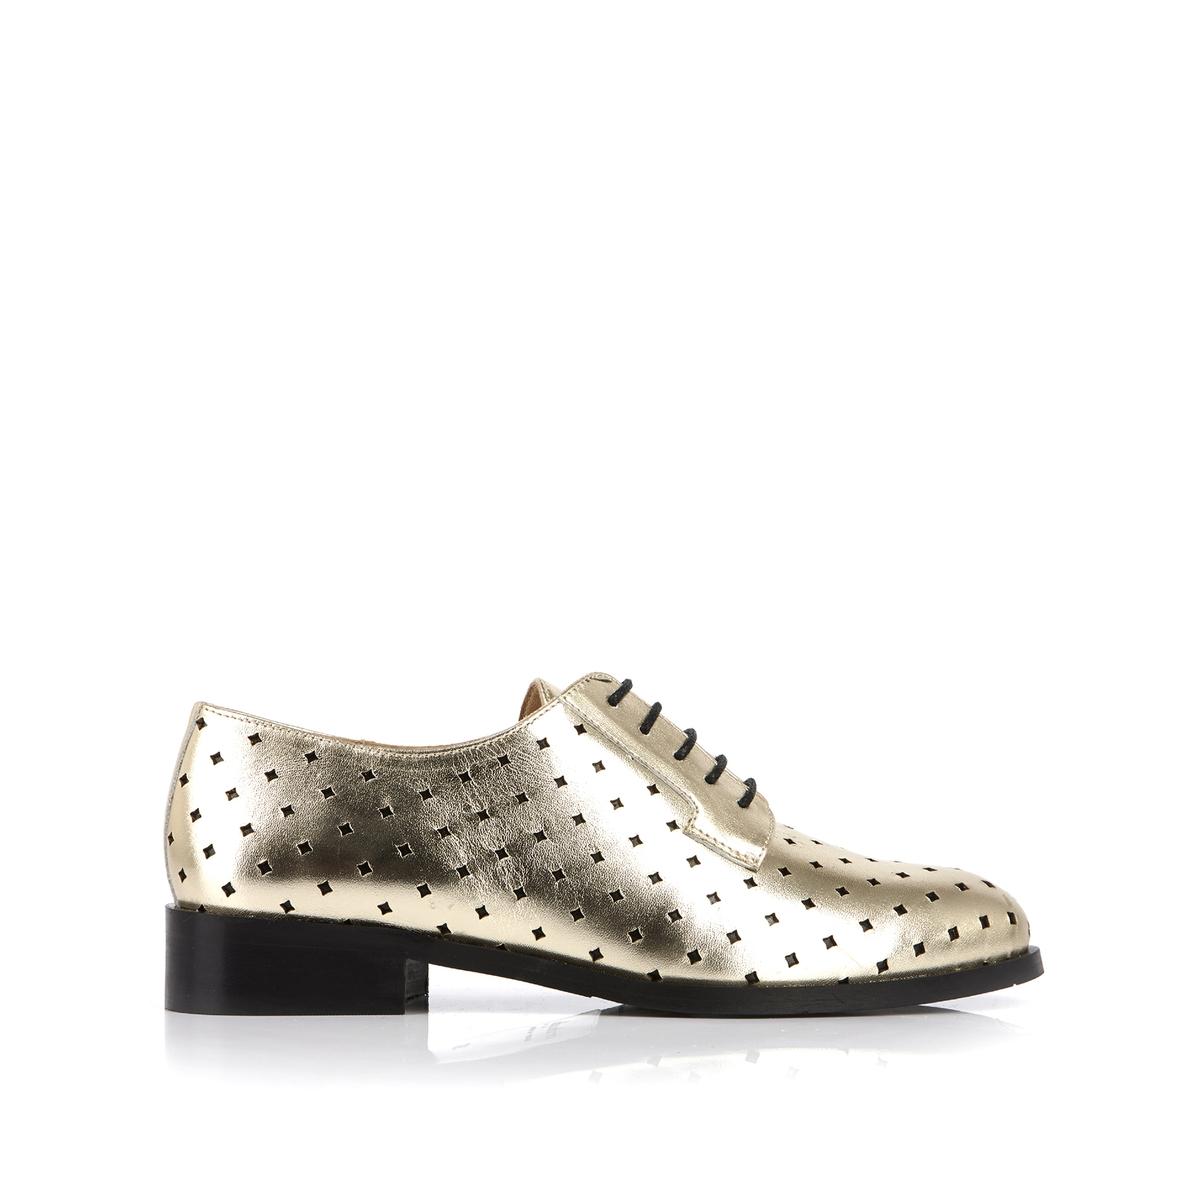 Ботинки-дерби кожаные Charly ботинки дерби кожаные